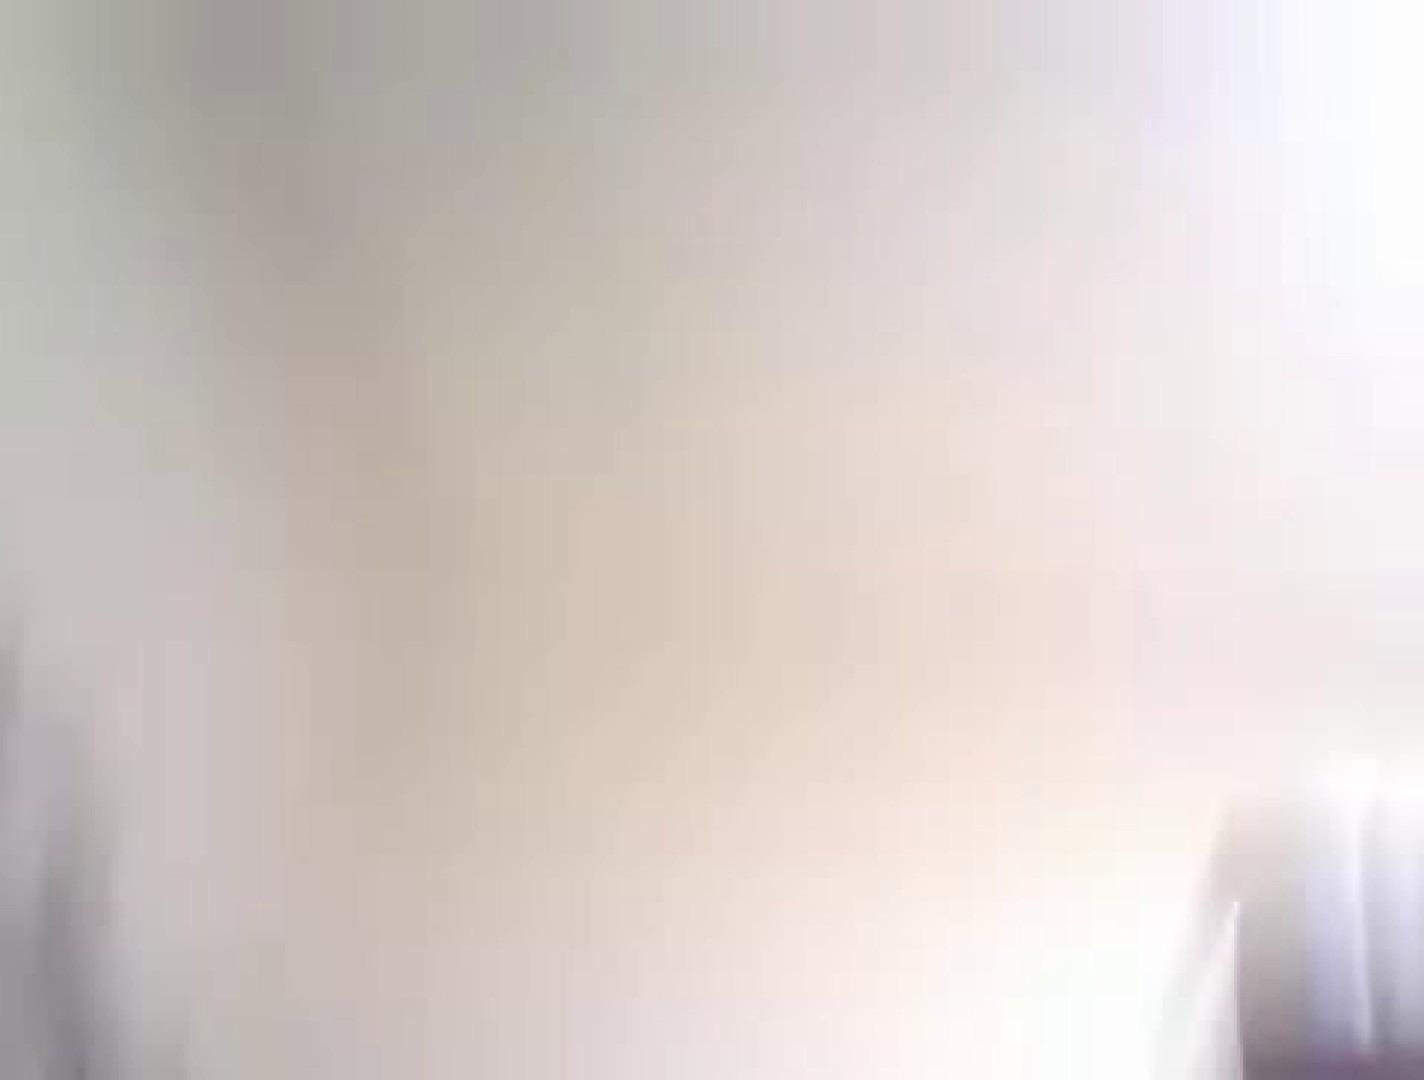 ~厳選!素人イケメン~俺のオナニズム File.25 覗き見 ゲイエロ動画 103pic 96